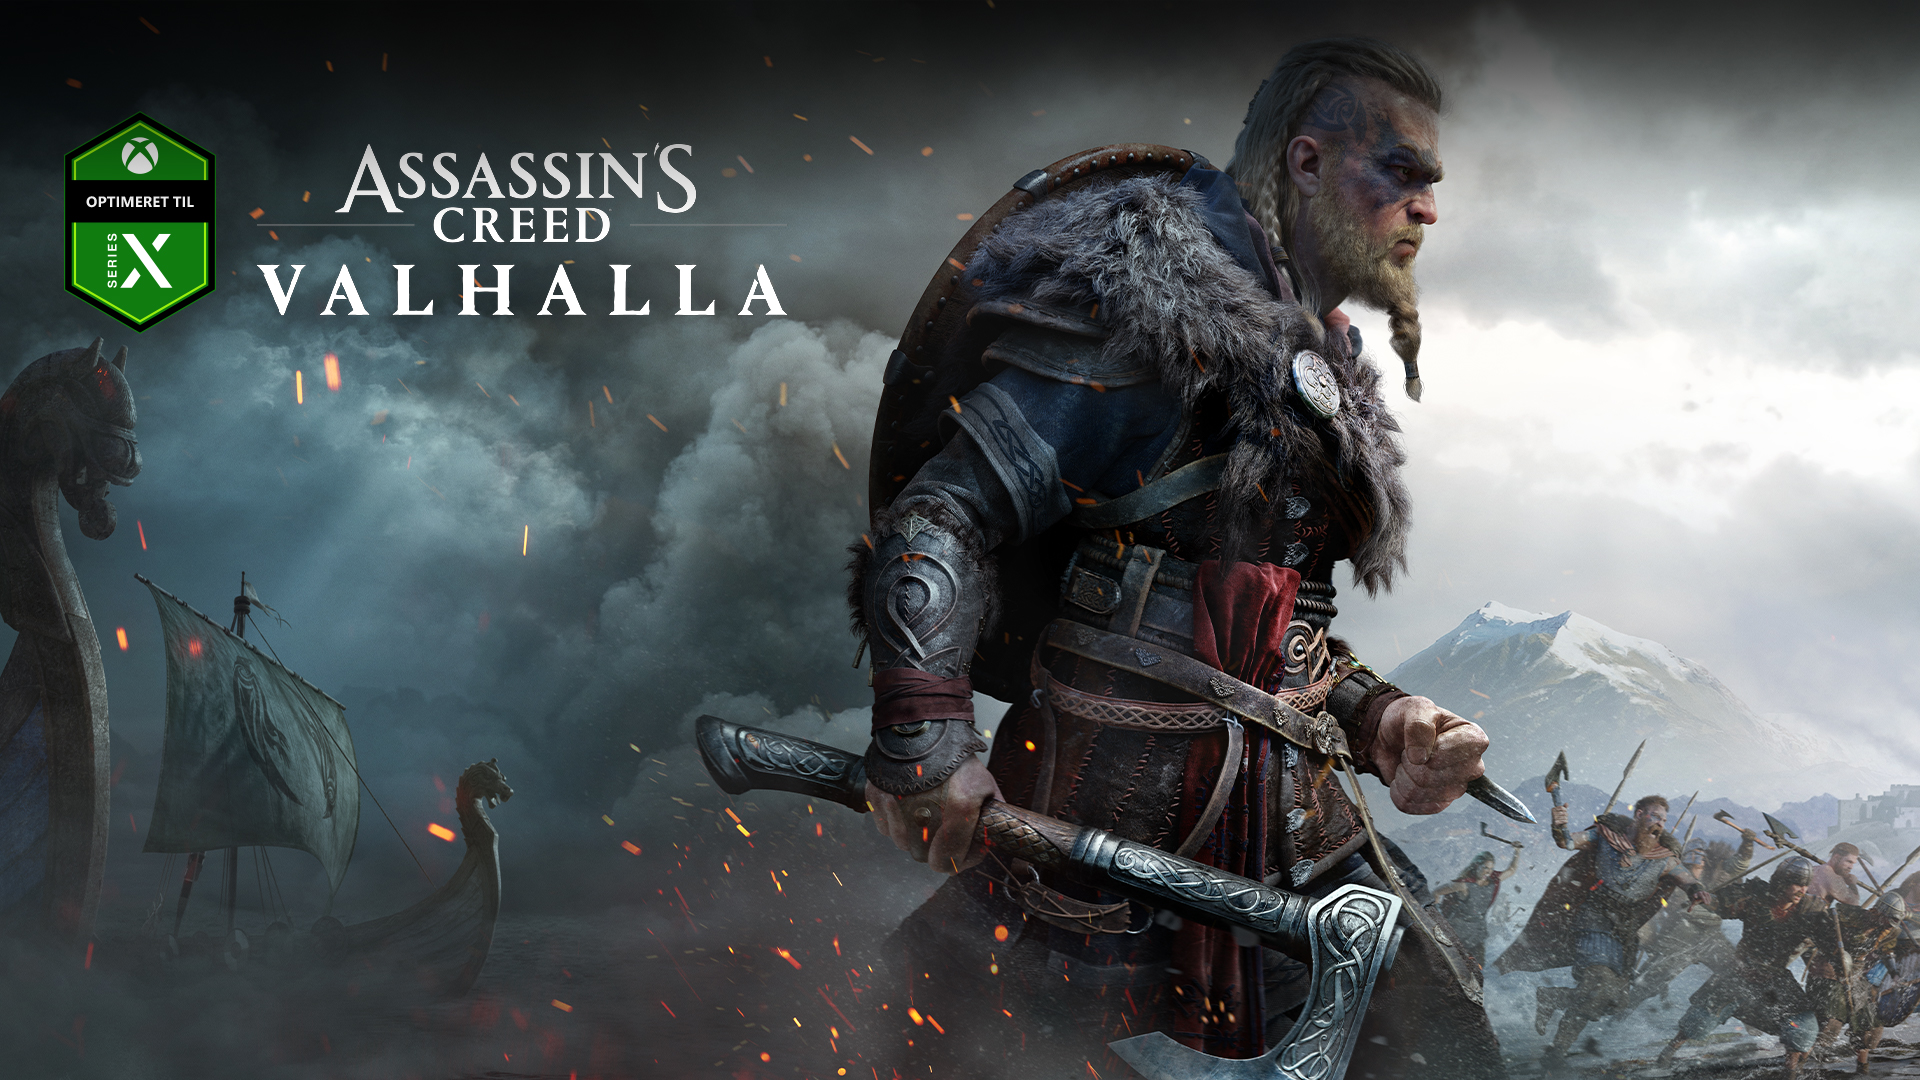 Optimeret til Xbox Series X-logo, Assassin's Creed Valhalla, karakter med en økse, skibe i tågen og en kamp